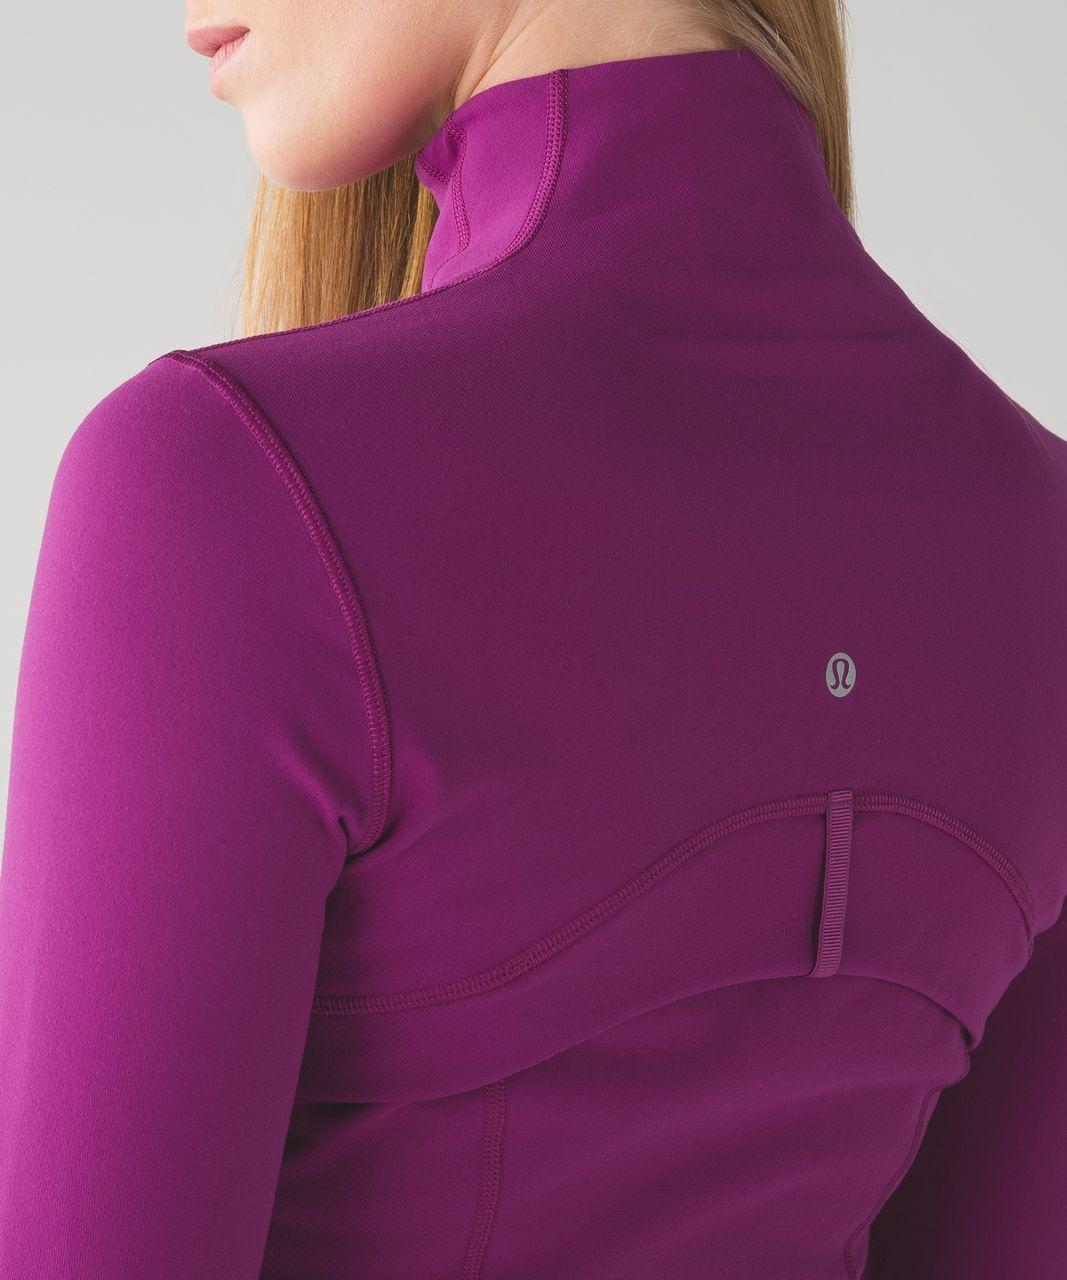 Lululemon Define Jacket - Regal Plum